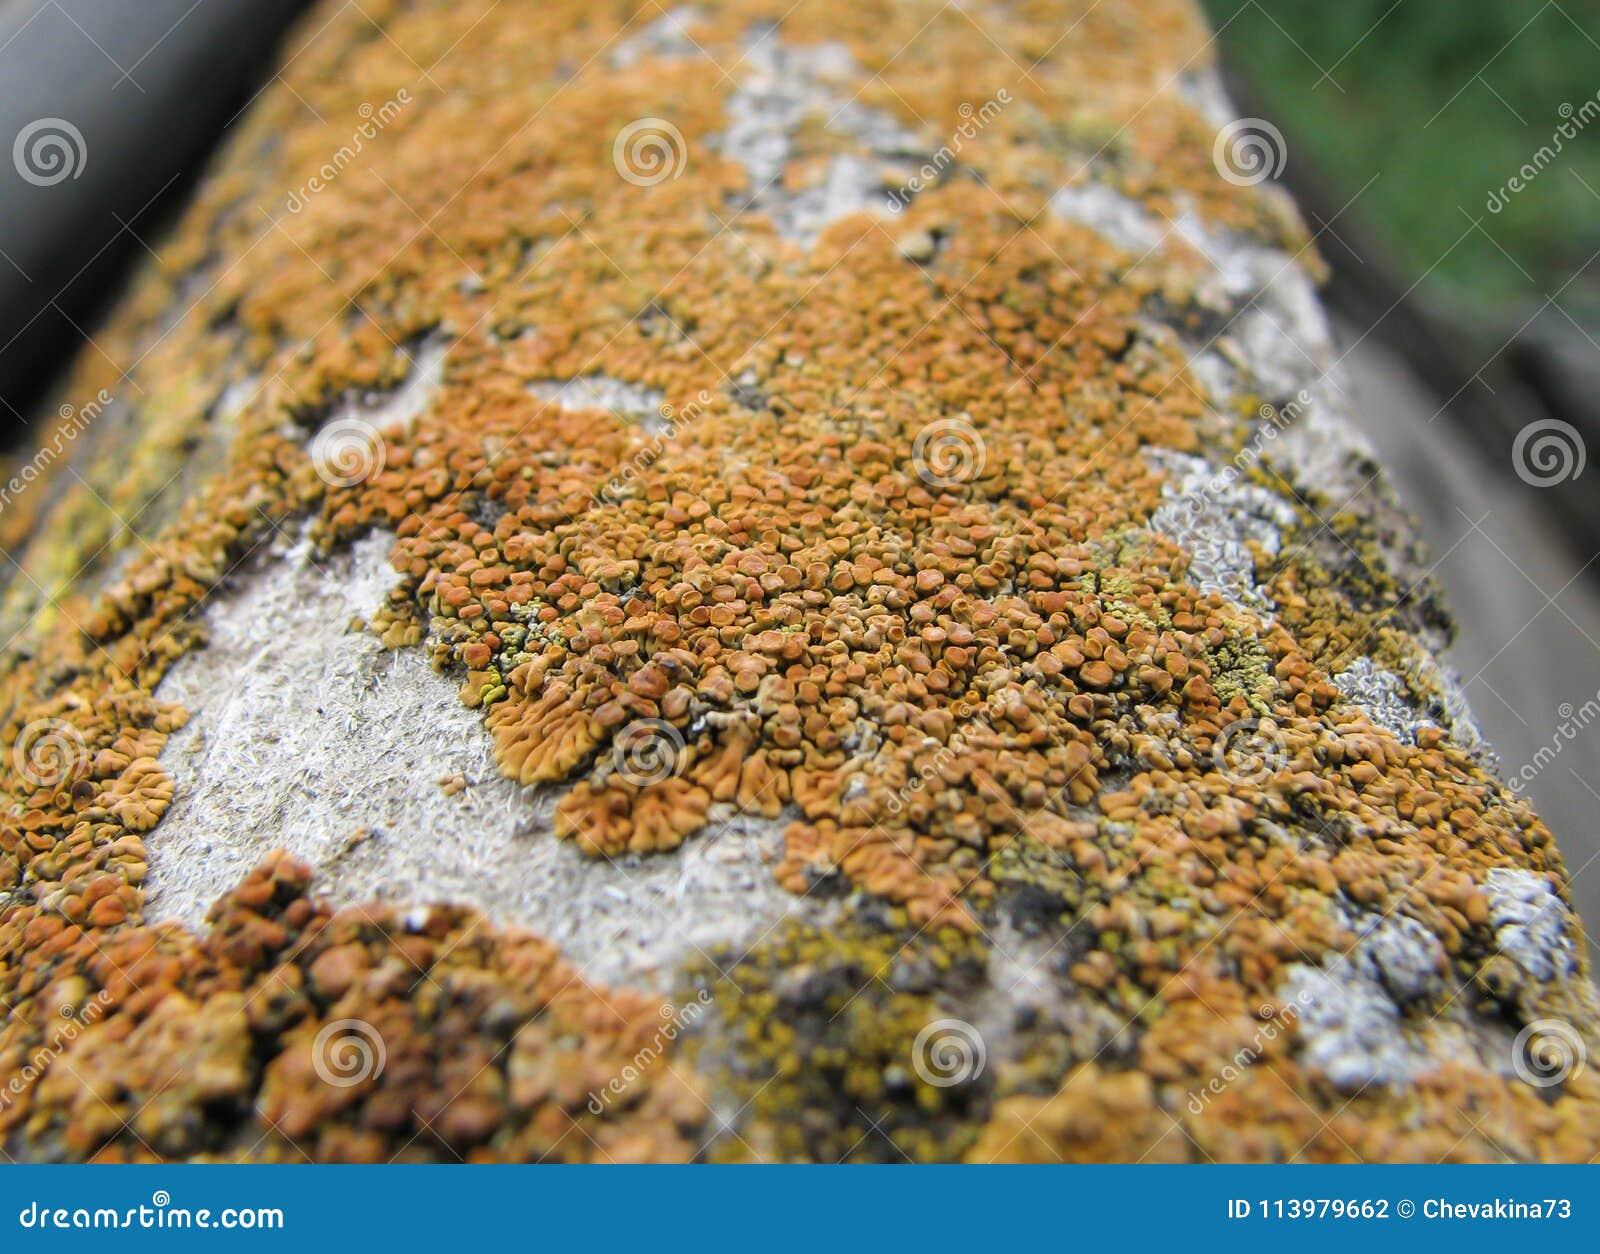 Colonia arancio del primo piano del fungo